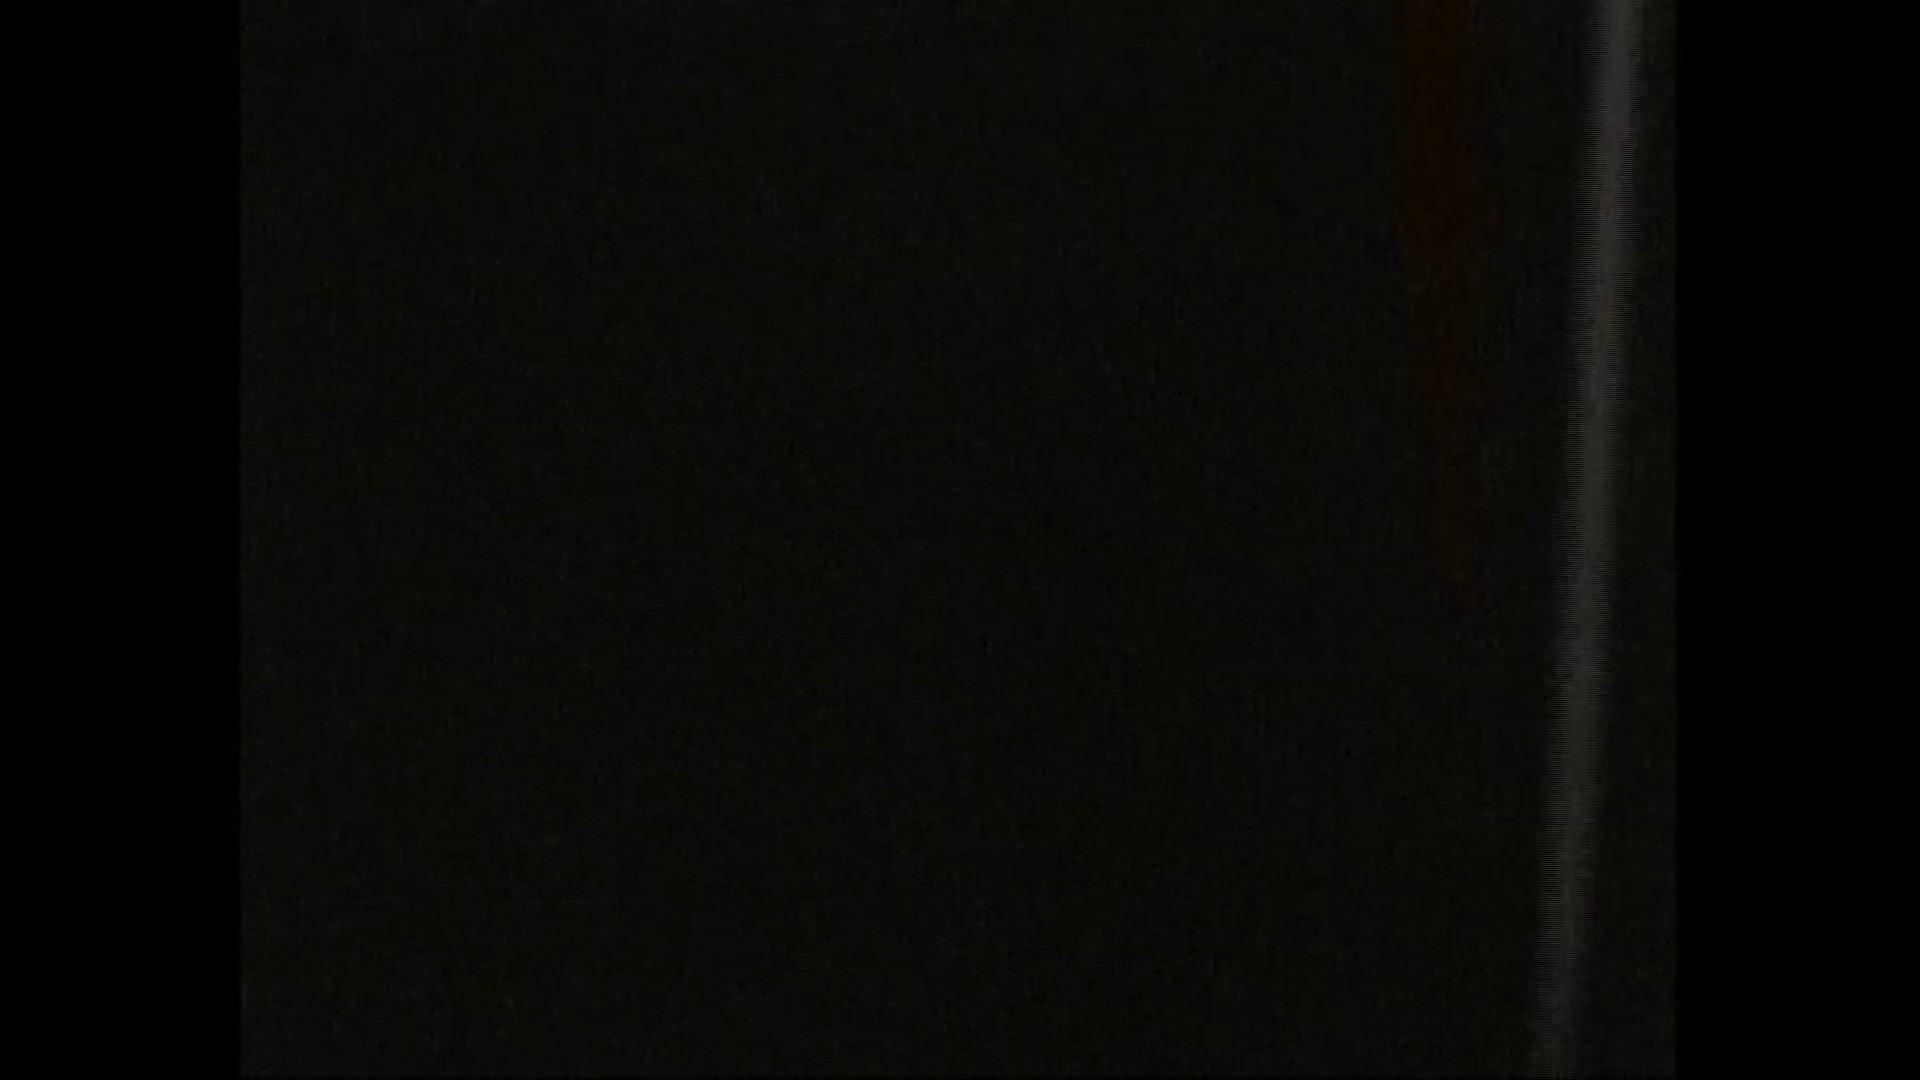 隙間からノゾク風呂 Vol.29 股をグイッとひらいて・・・。 お姉さんのSEX オマンコ無修正動画無料 76枚 29